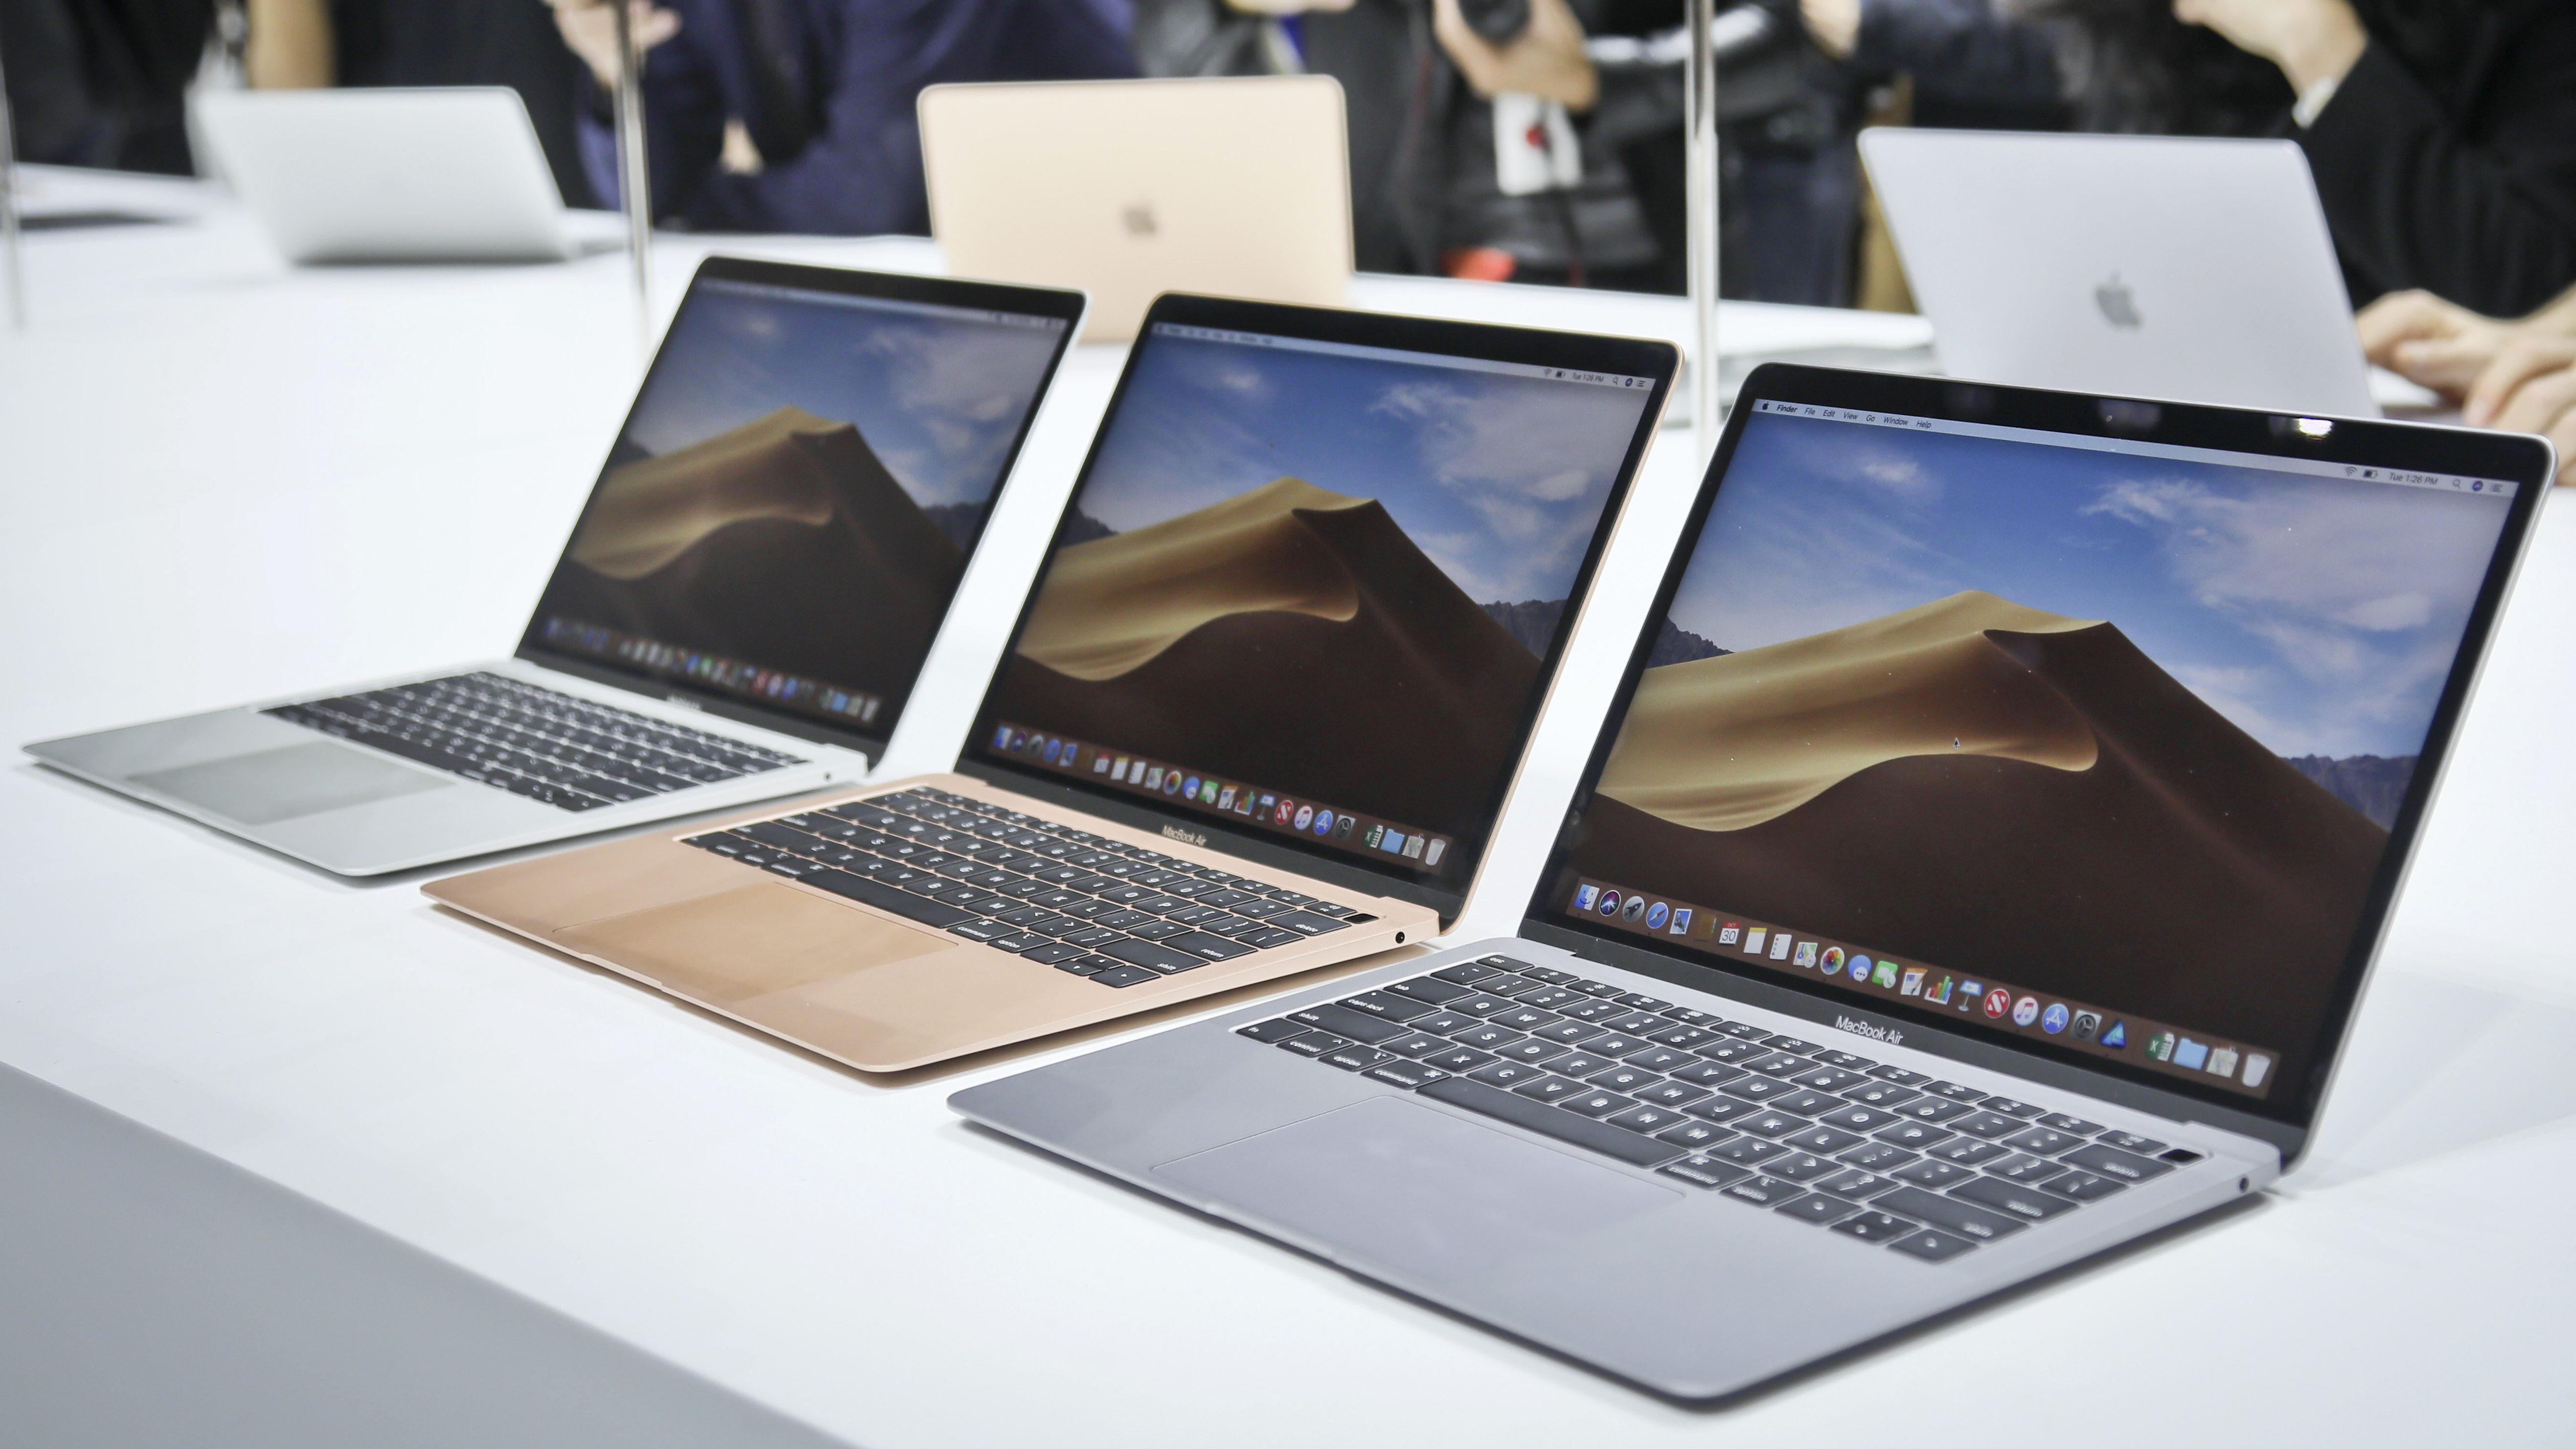 Macbook air gewinnen 2019